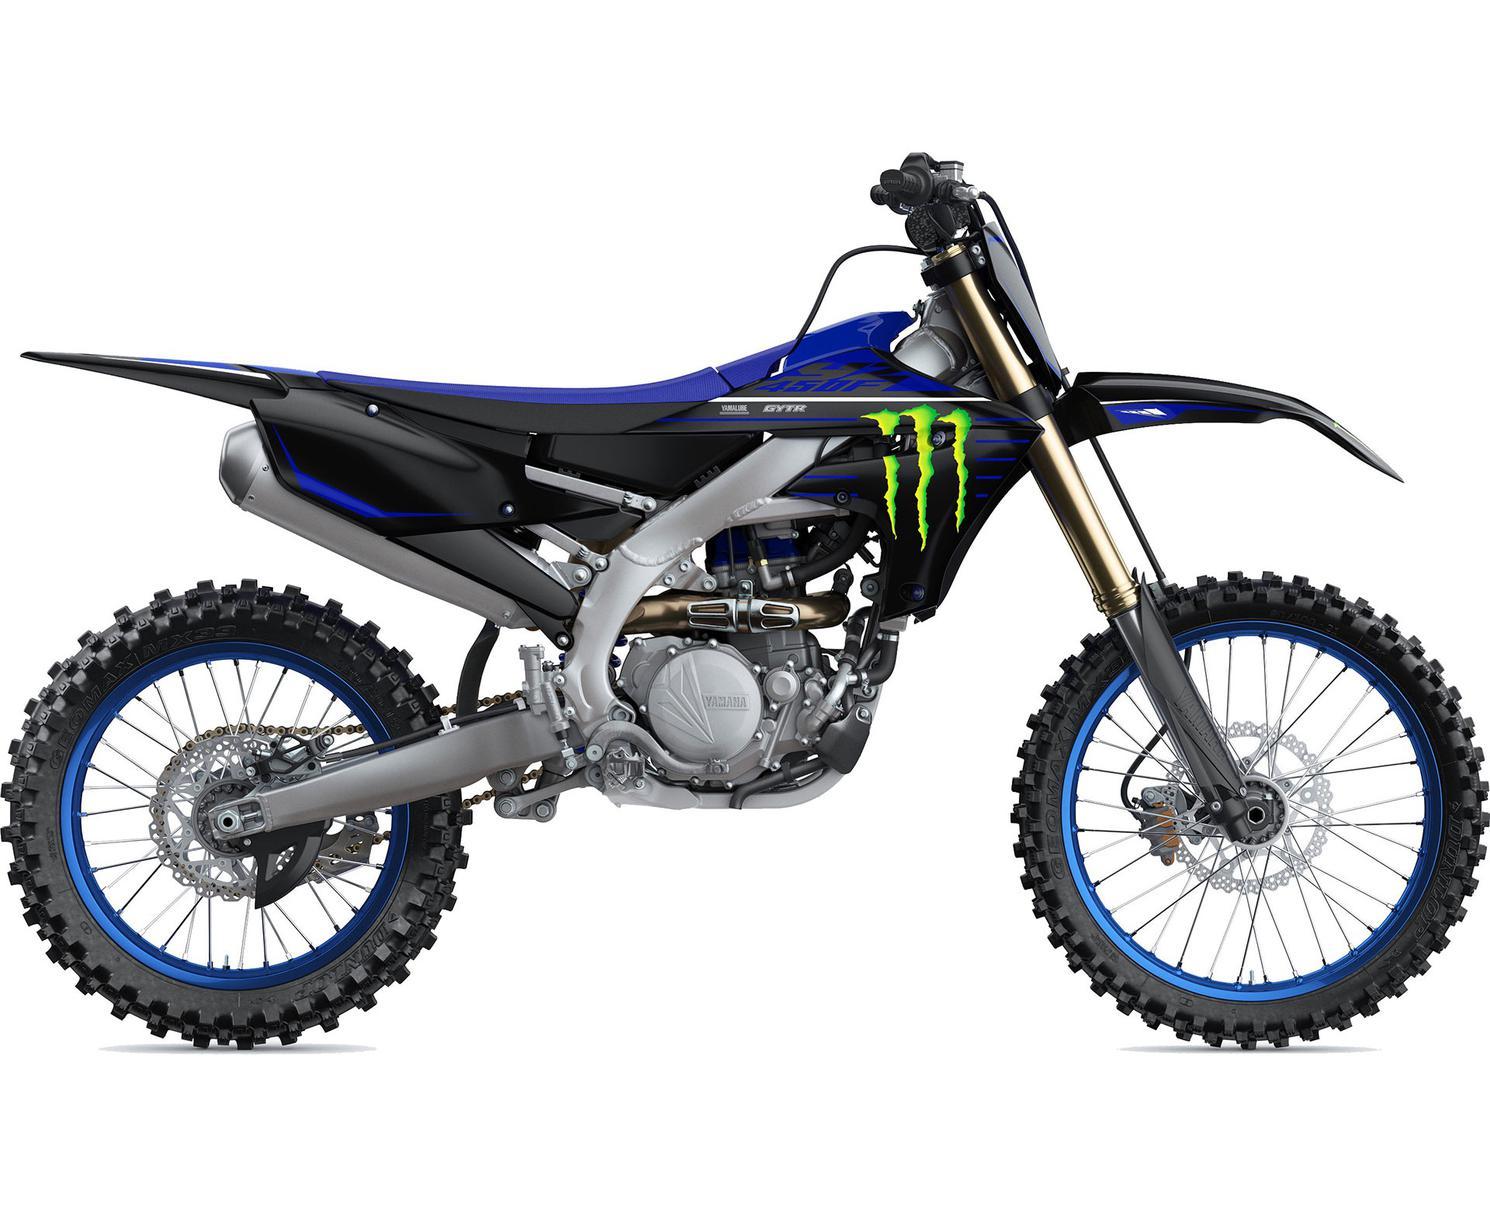 Yamaha YZ450F Motif Monster Energy Yamaha Racing 2022